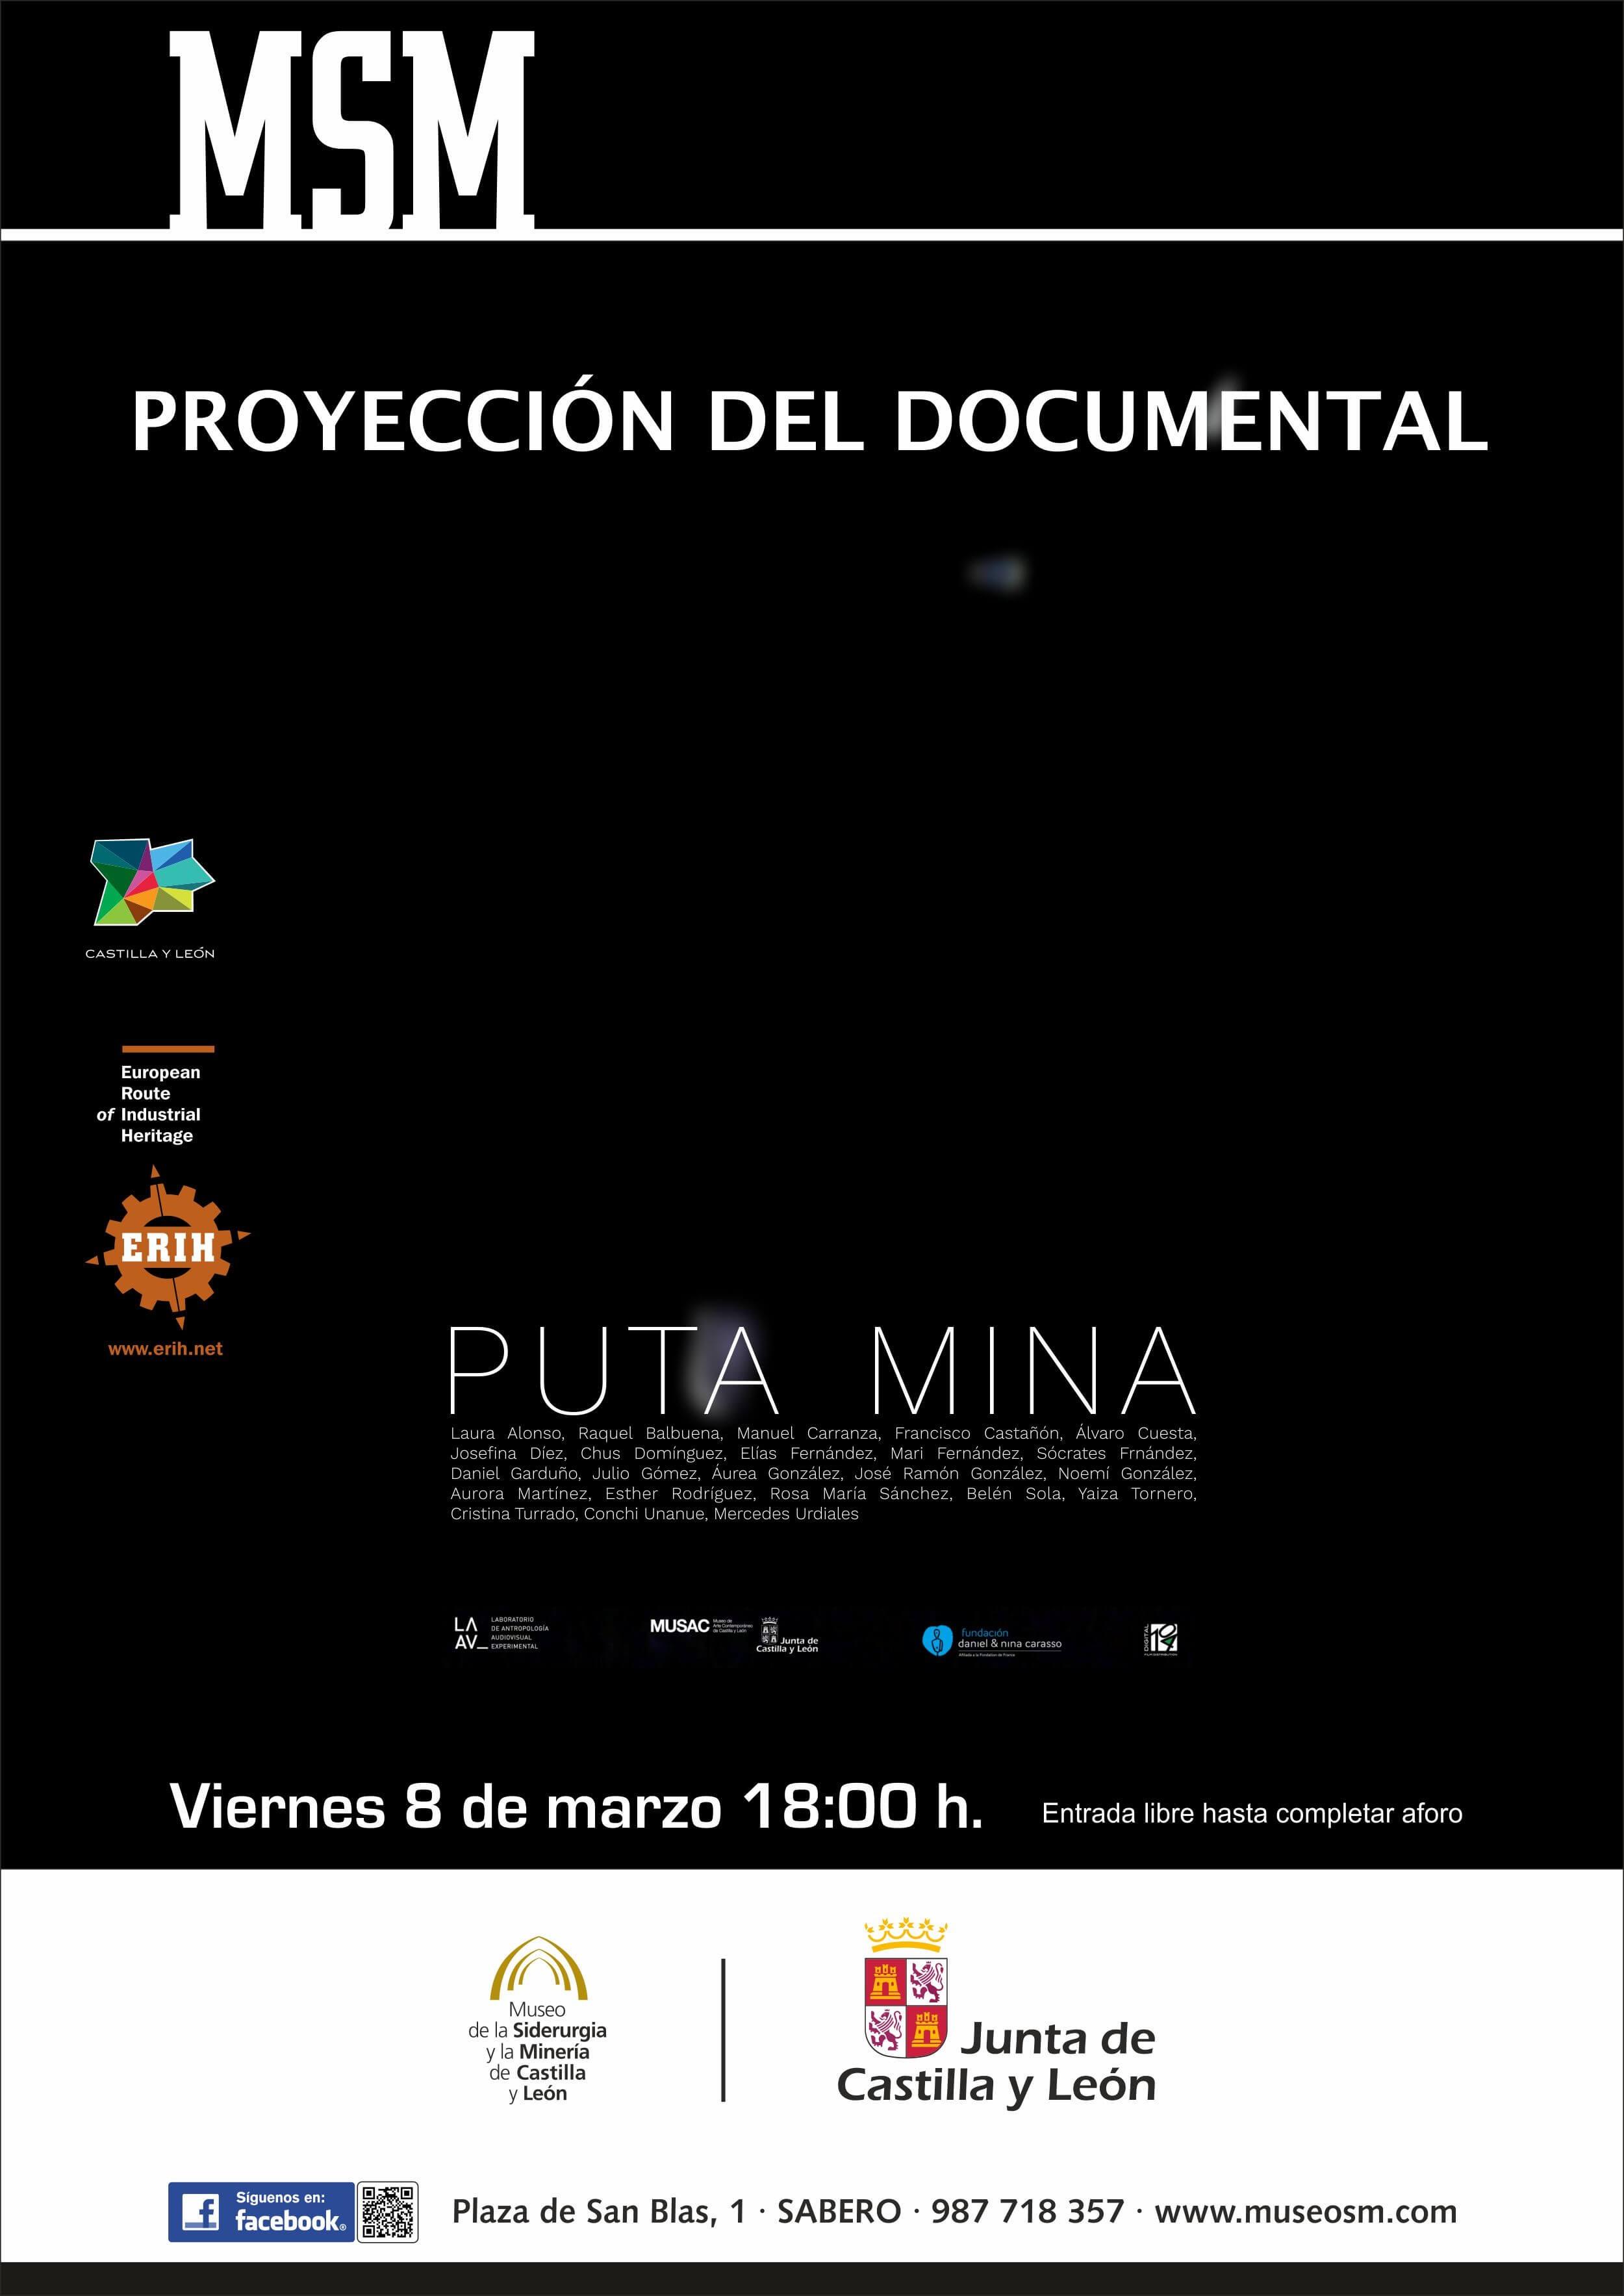 """PROYECCIÓN DEL DOCUMENTAL: """"PUTA MINA"""" - Etnovideográfica Castilla y León"""